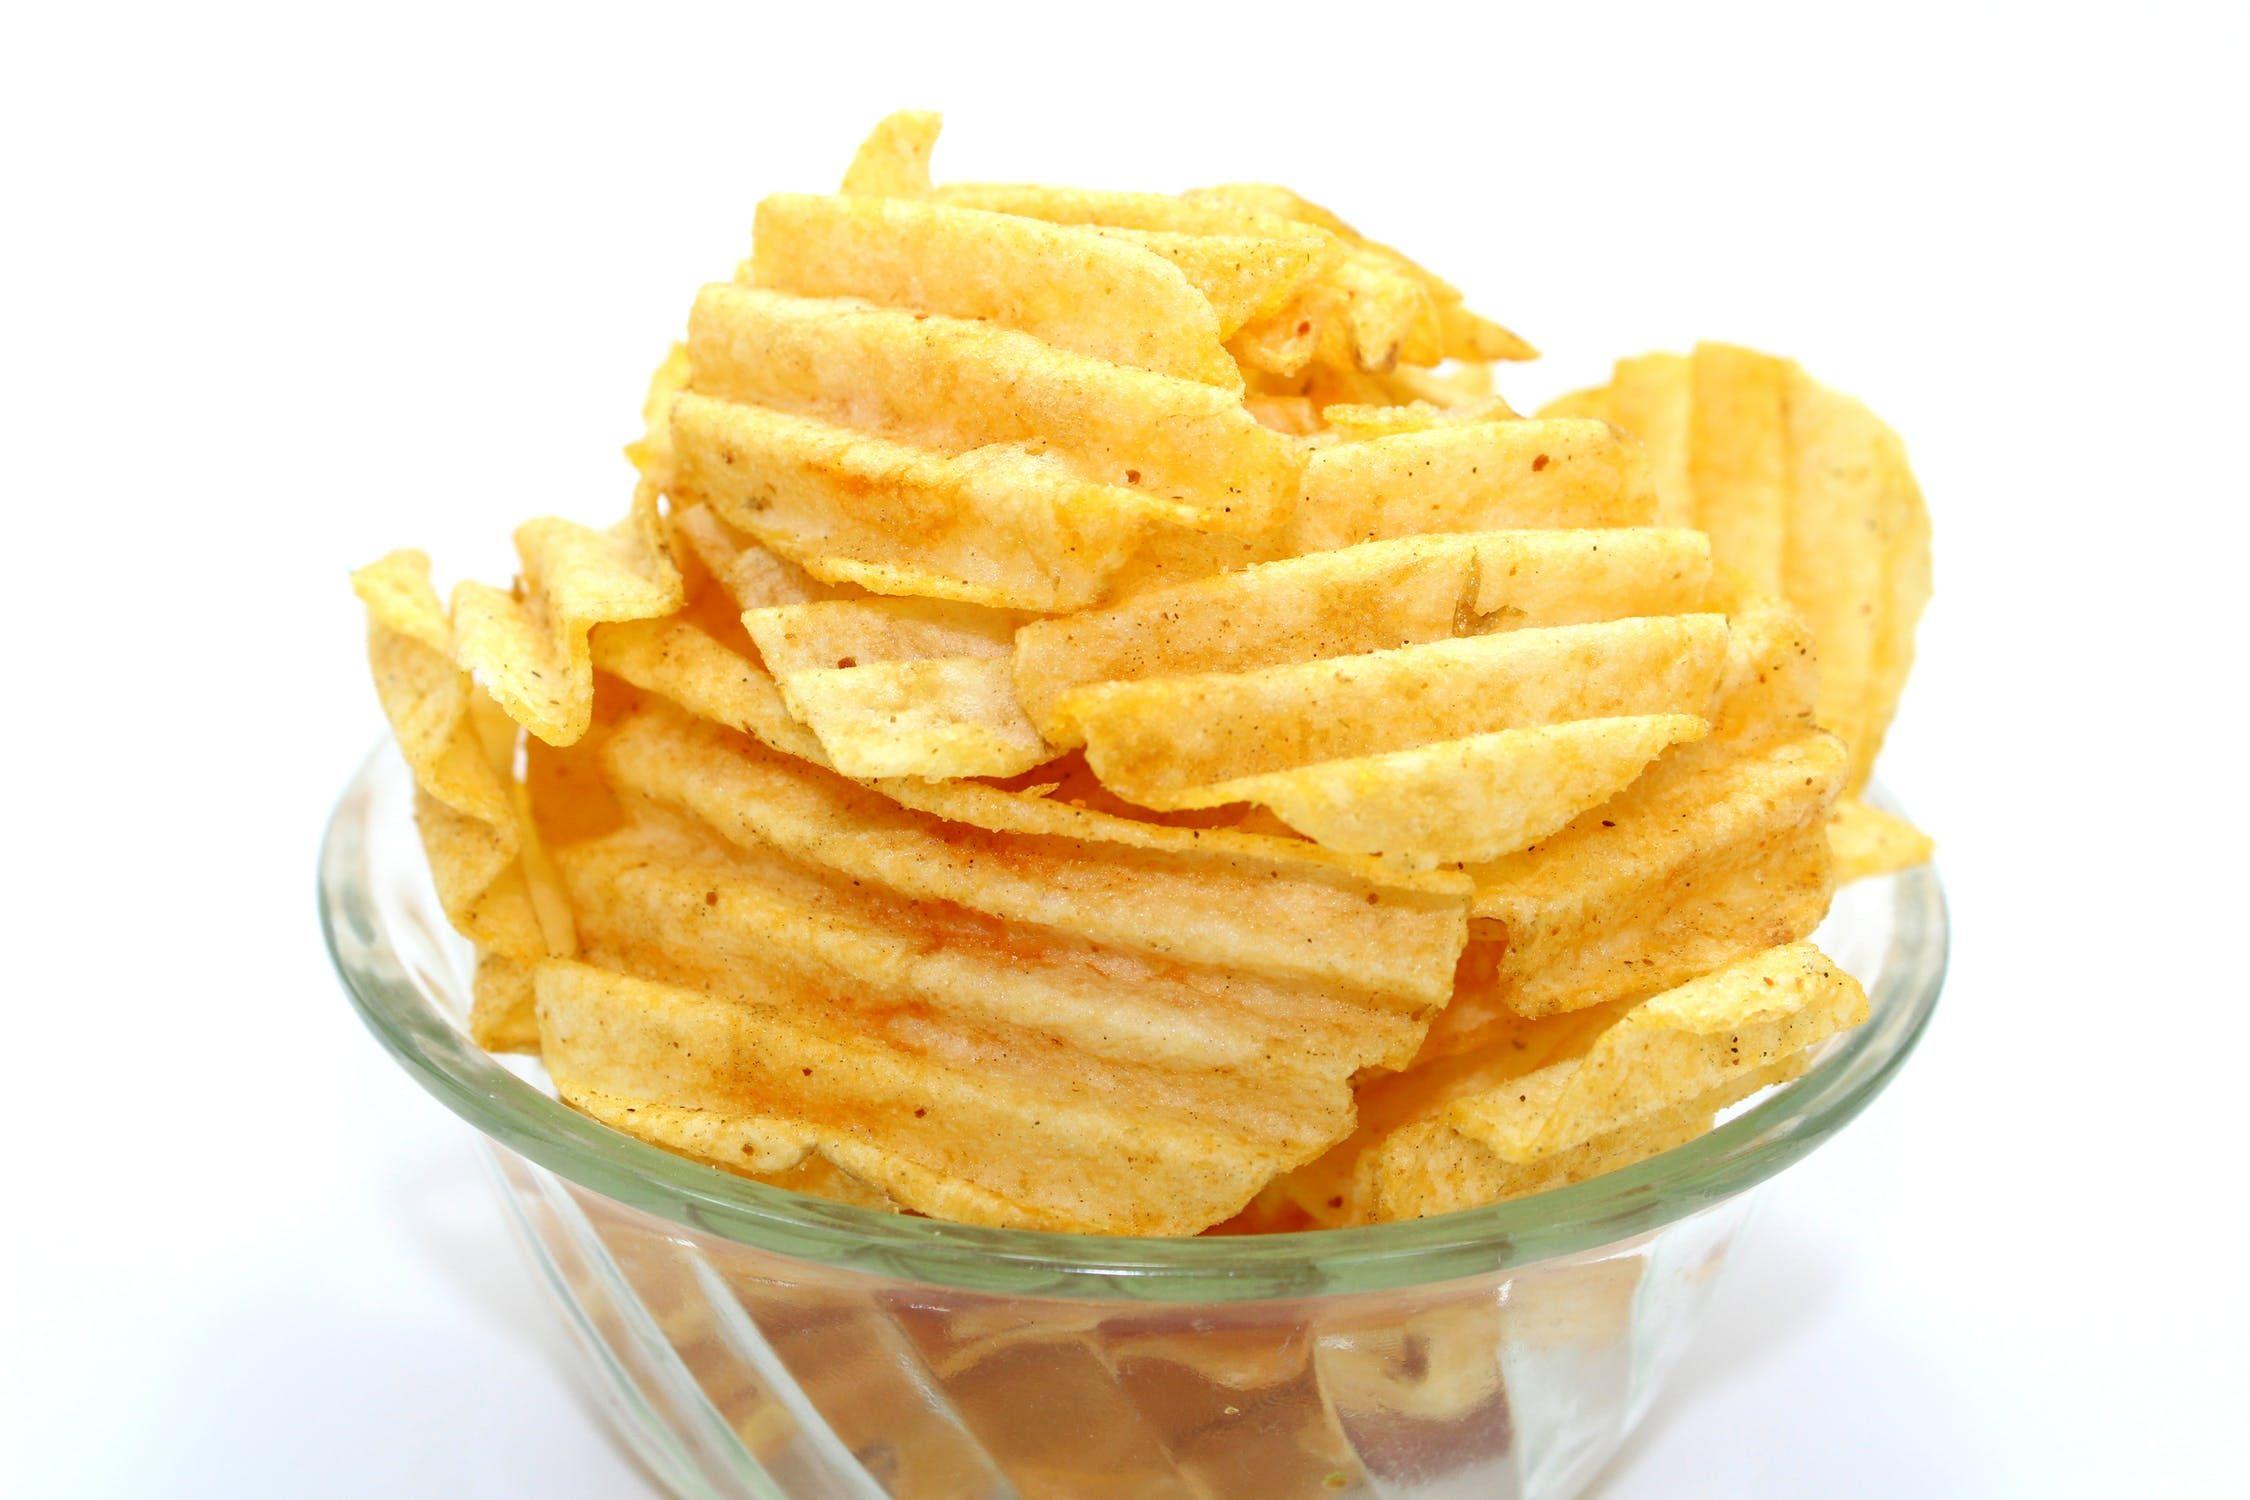 Potato Chips Air Fryer Recipe Air Fryers HQ Food, Air